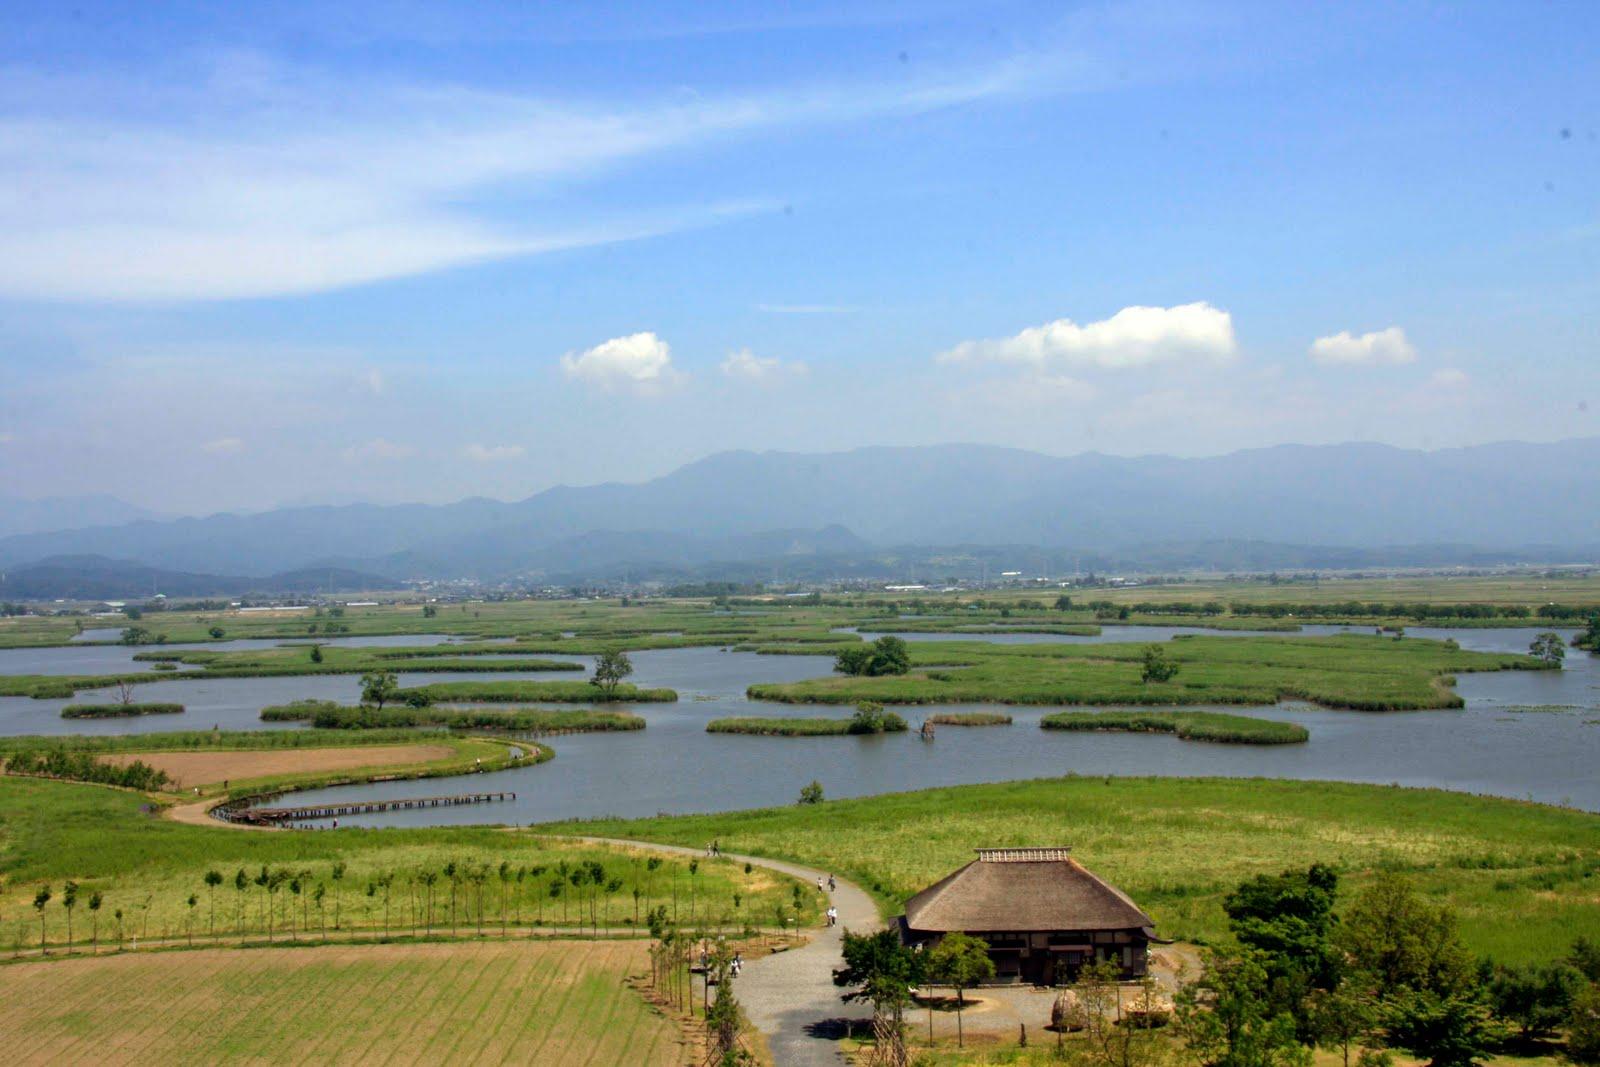 雪割草・(すいばら瓢湖): 水の公園 福島潟